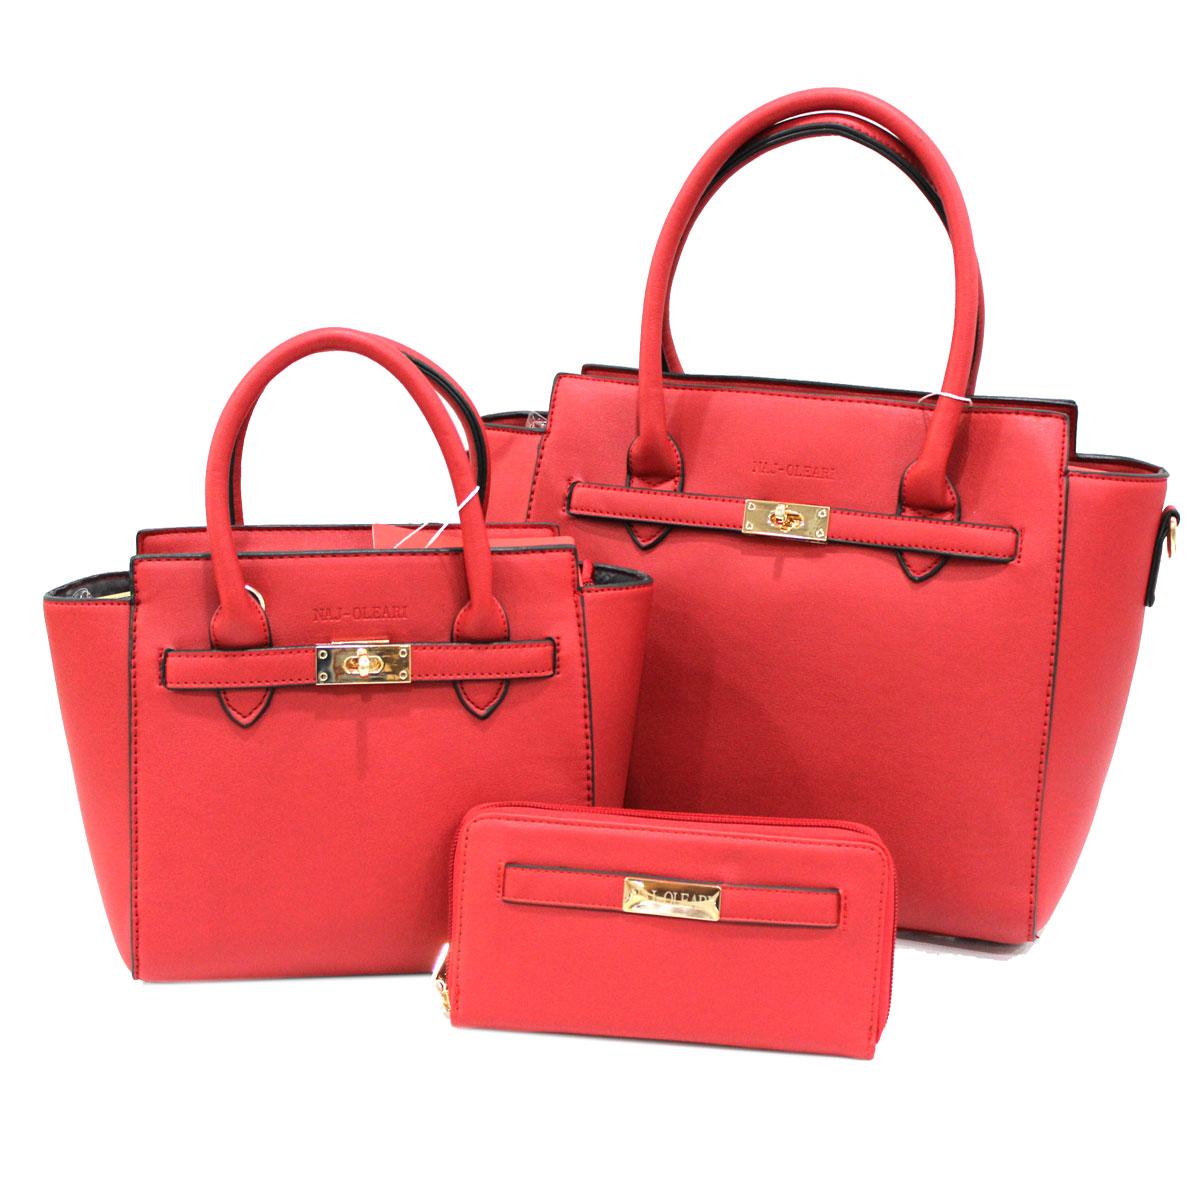 6f1a2f2a2828 Set 2 borse e Portafoglio donna in similpelle NAJ OLEARI LINEA JAZZ 61485  rubino Colore